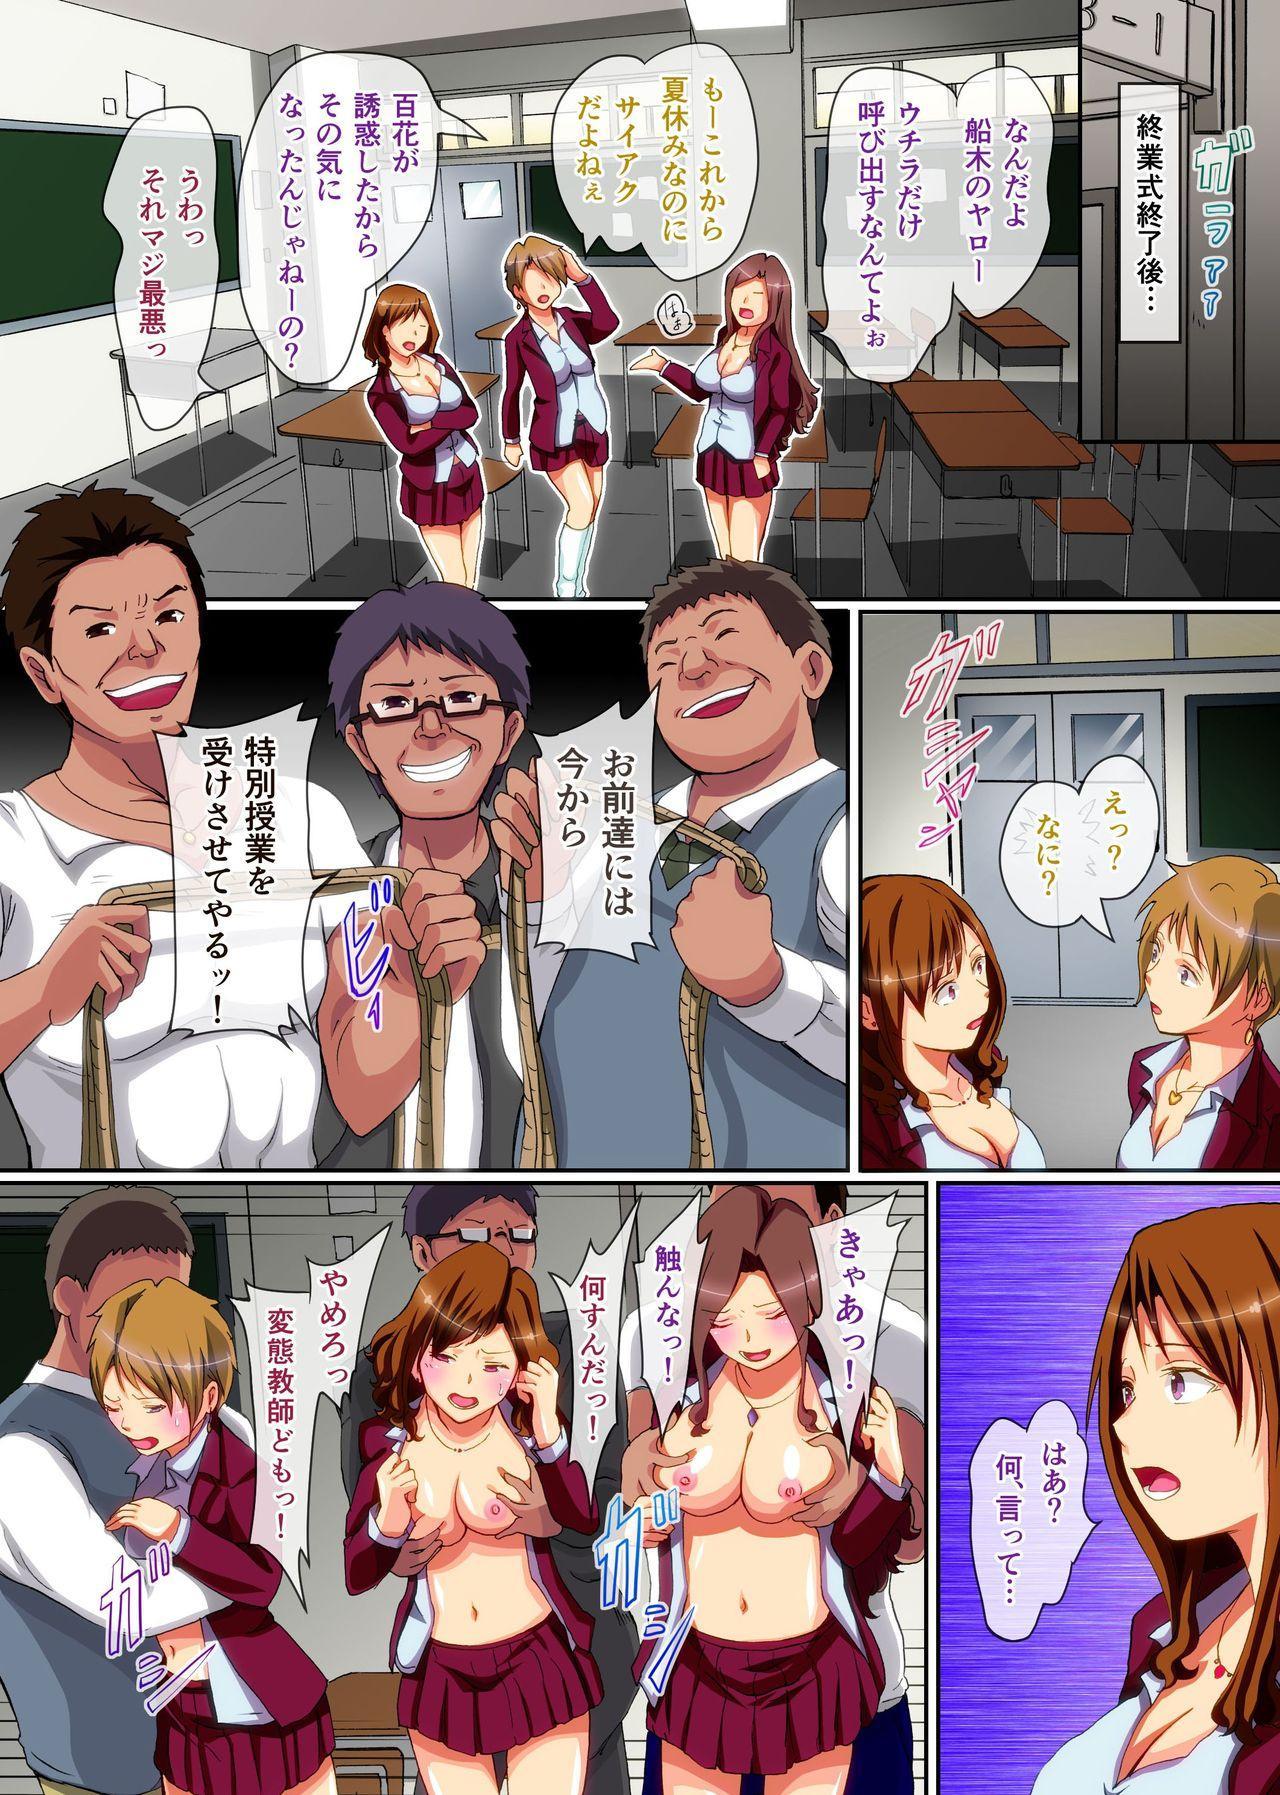 [MC (Kuroinu)] Namaiki na Oshiego no Joshi Seito-tachi o Kyoushitsu ni Yobidashite SEX-zuke ni Shite Dansei Kyoushi Senyou no Kyouyuu Nikutsubo ni! 4